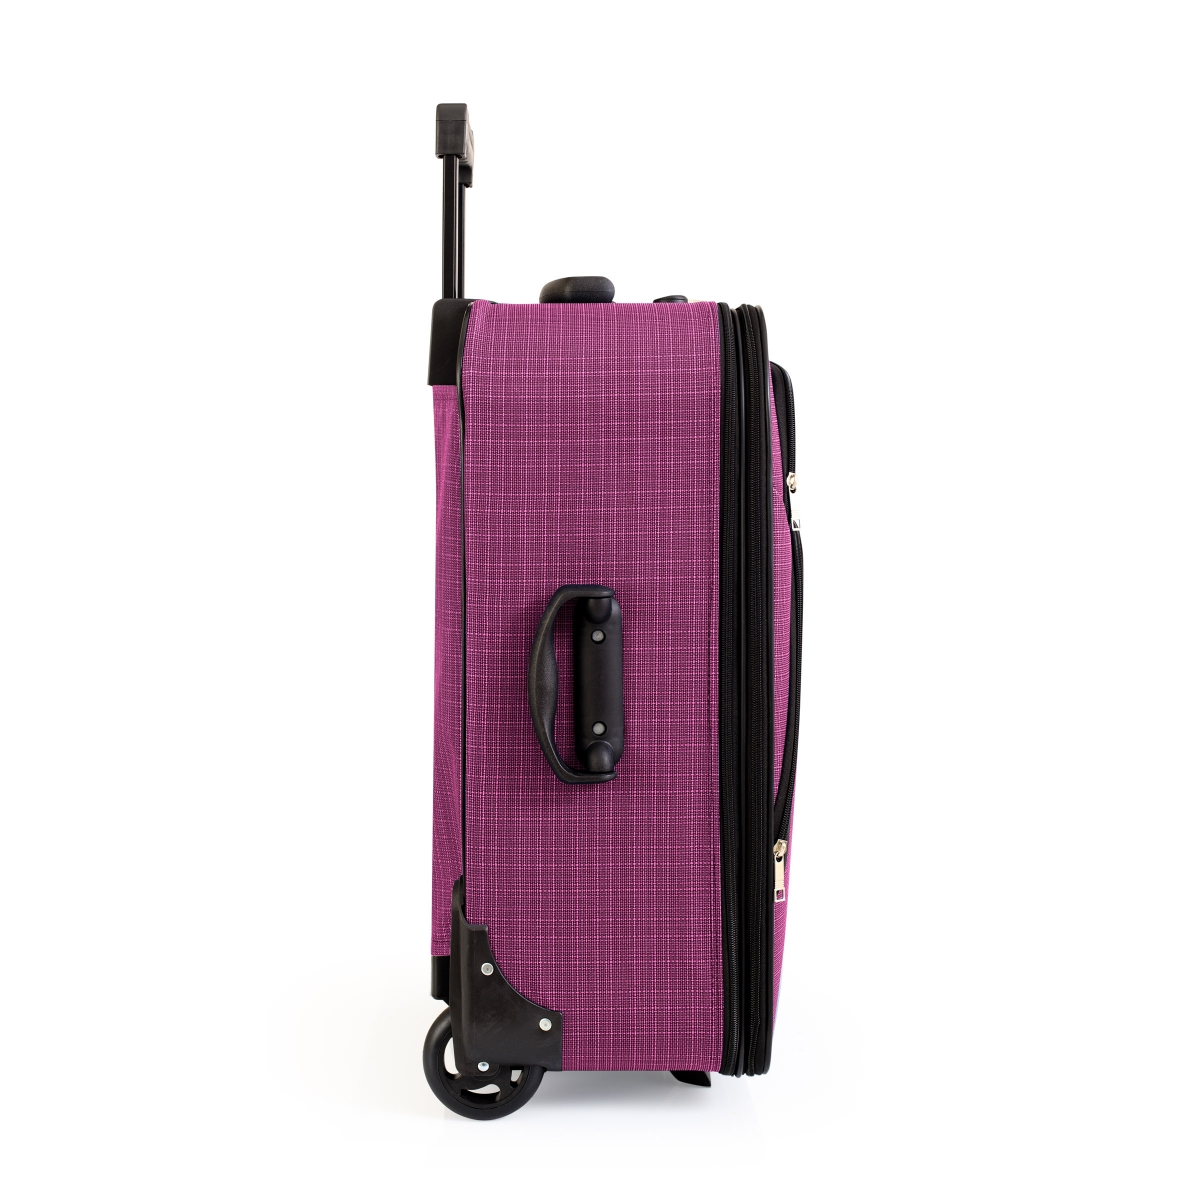 Gedox 2 Teker Geniş Kasa Havlu Kumaş 3'lü Valiz Seyahat Seti - Model: 1005.09 Mürdüm